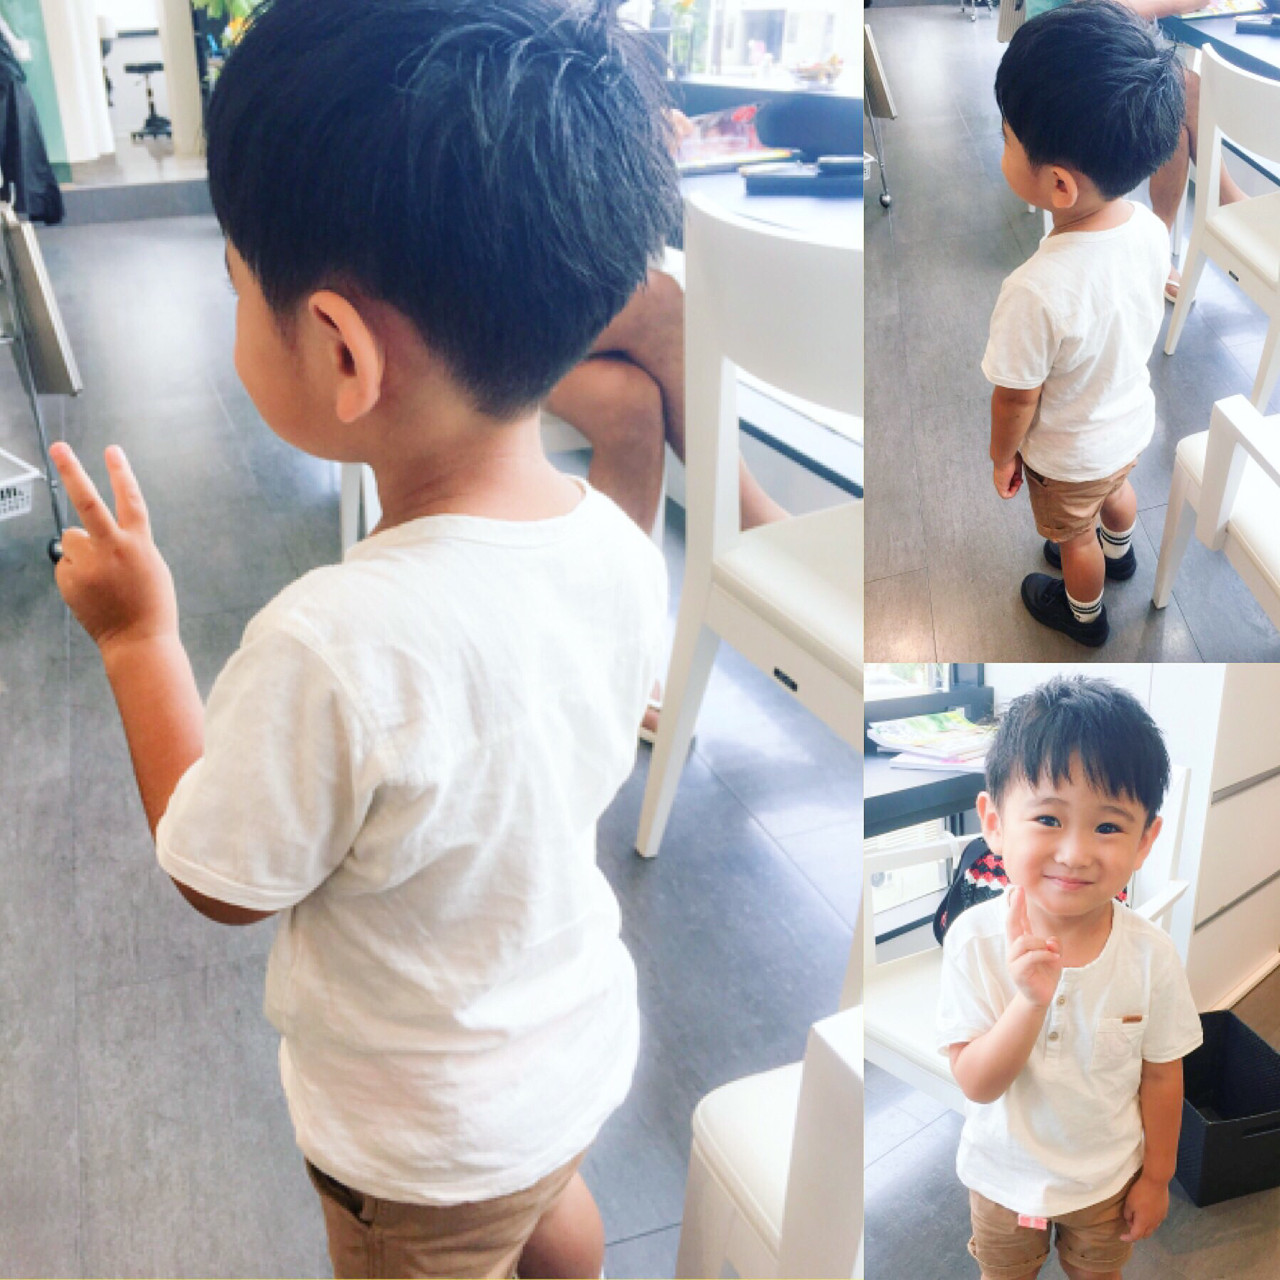 ボーイッシュ メンズ 子供 ショート ヘアスタイルや髪型の写真・画像